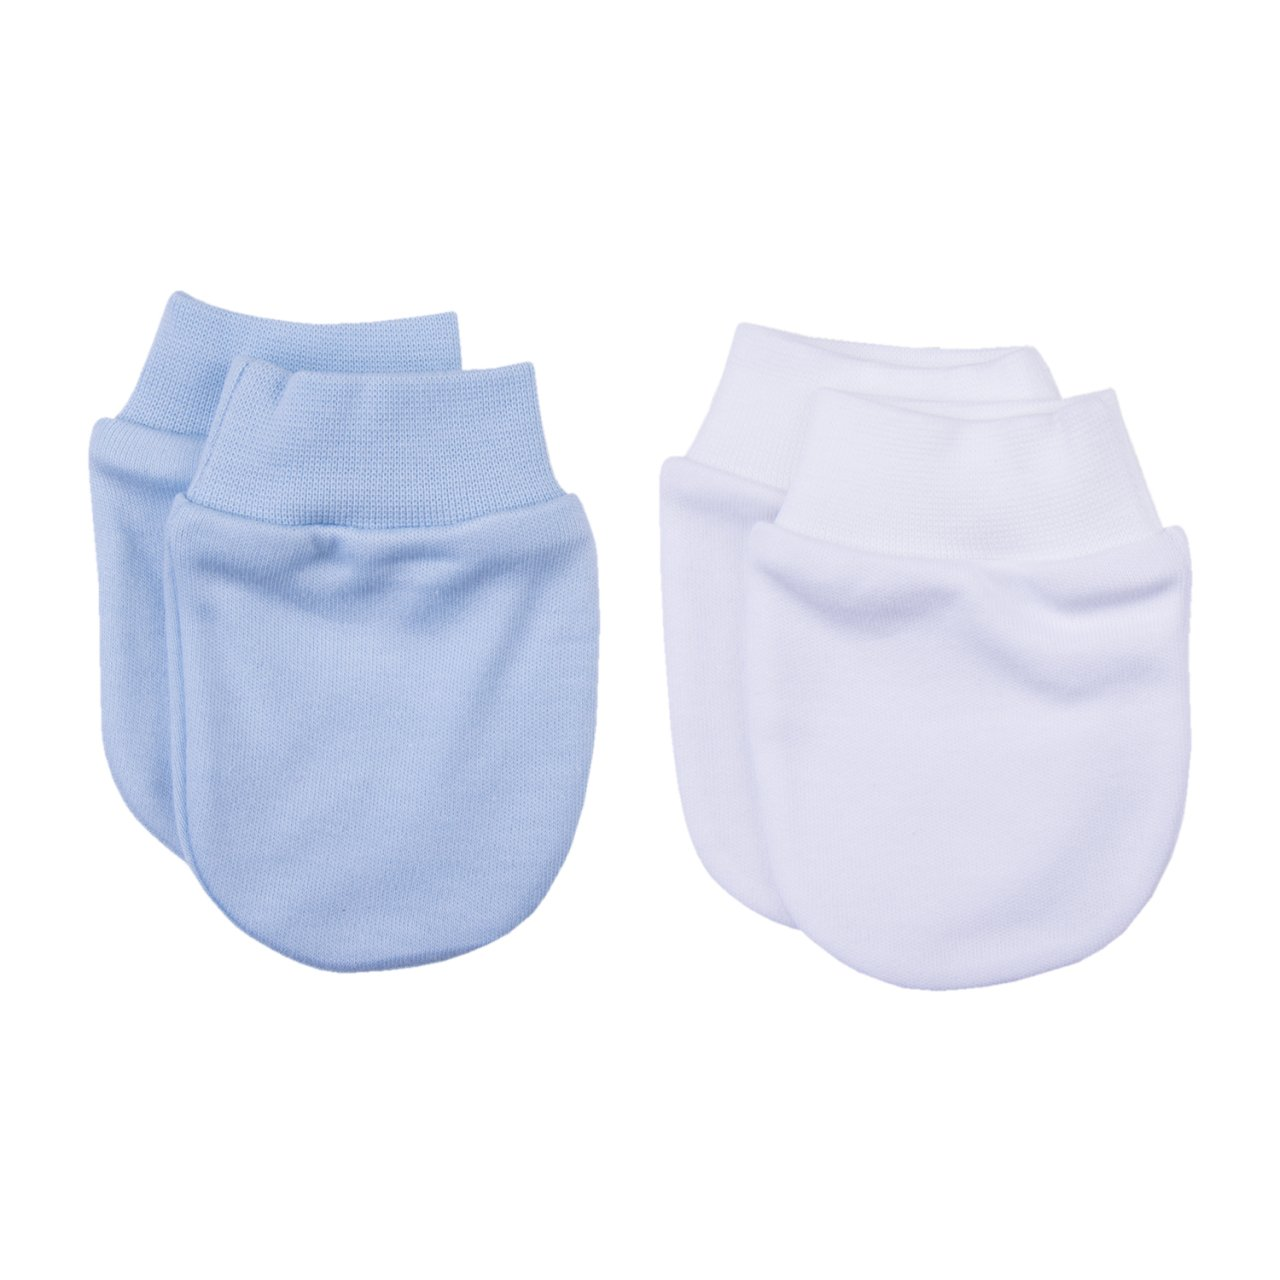 Guanti antigraffio in cotone organico per neonati bianco/azzurro – KITIKATE